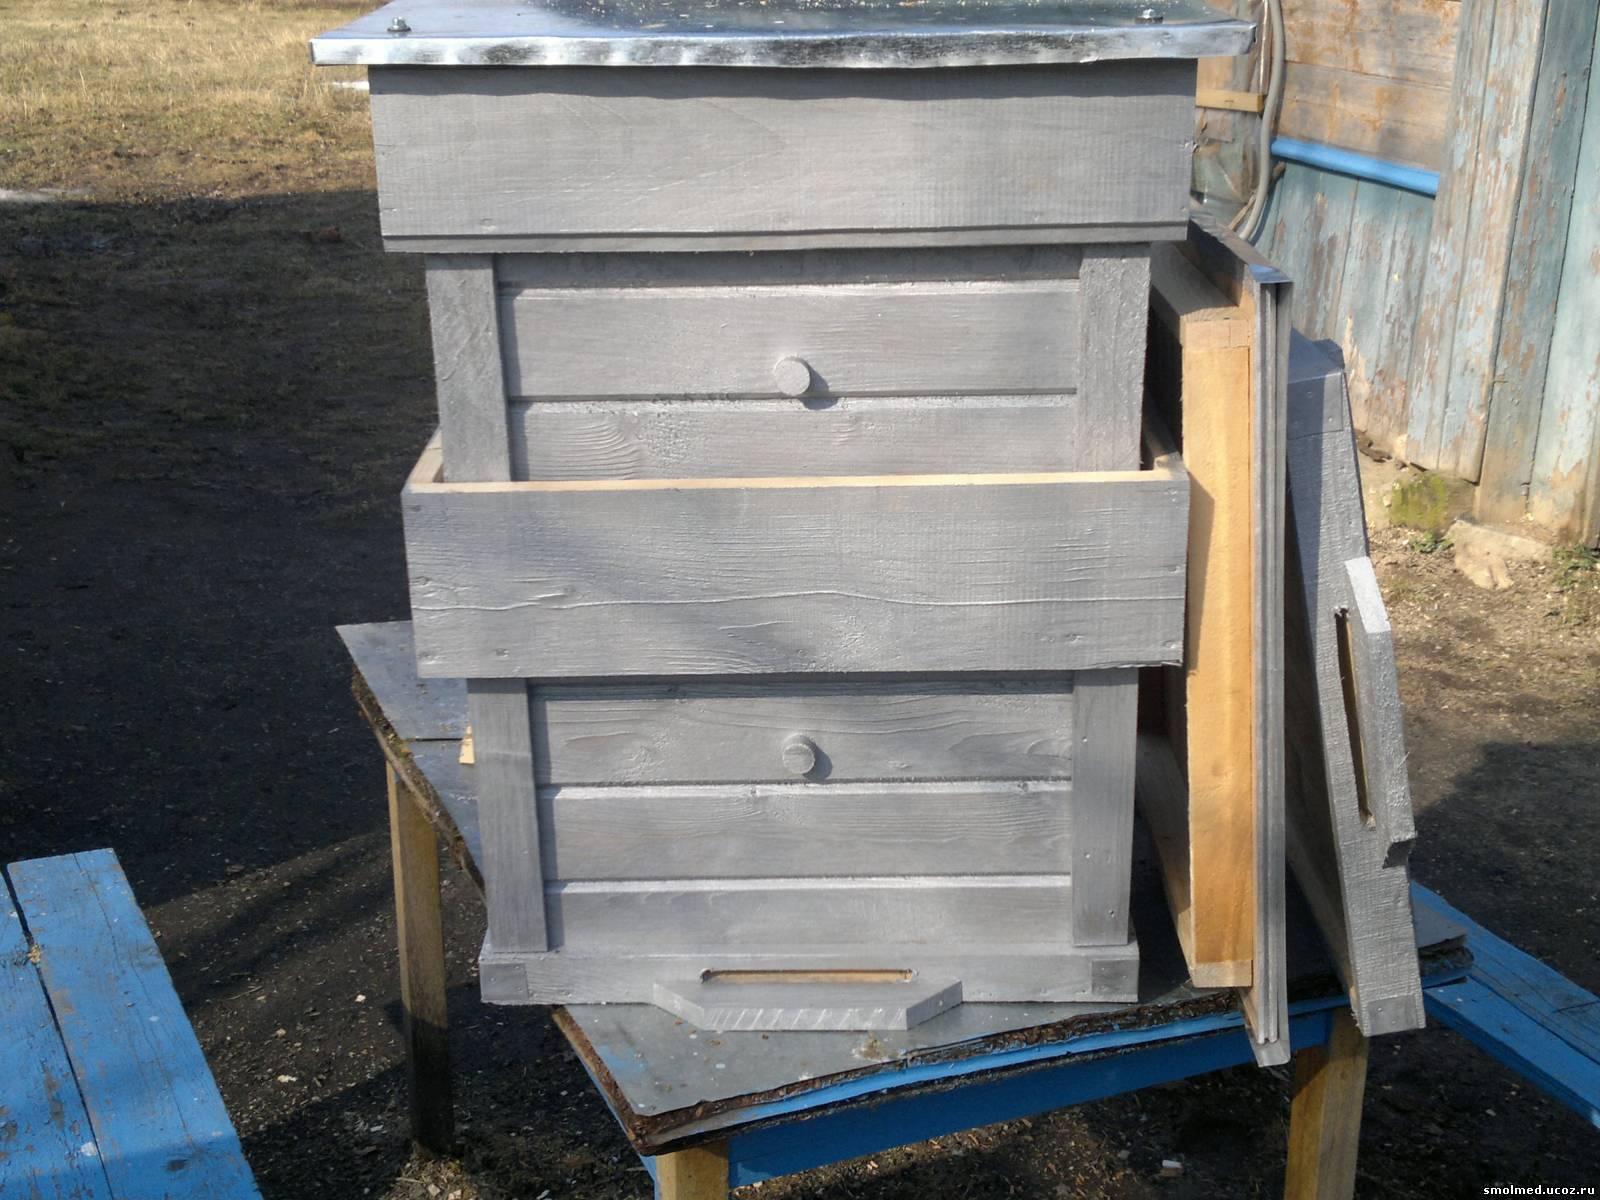 Как сделать крышку для улья из ППС Заметки пчеловода 94